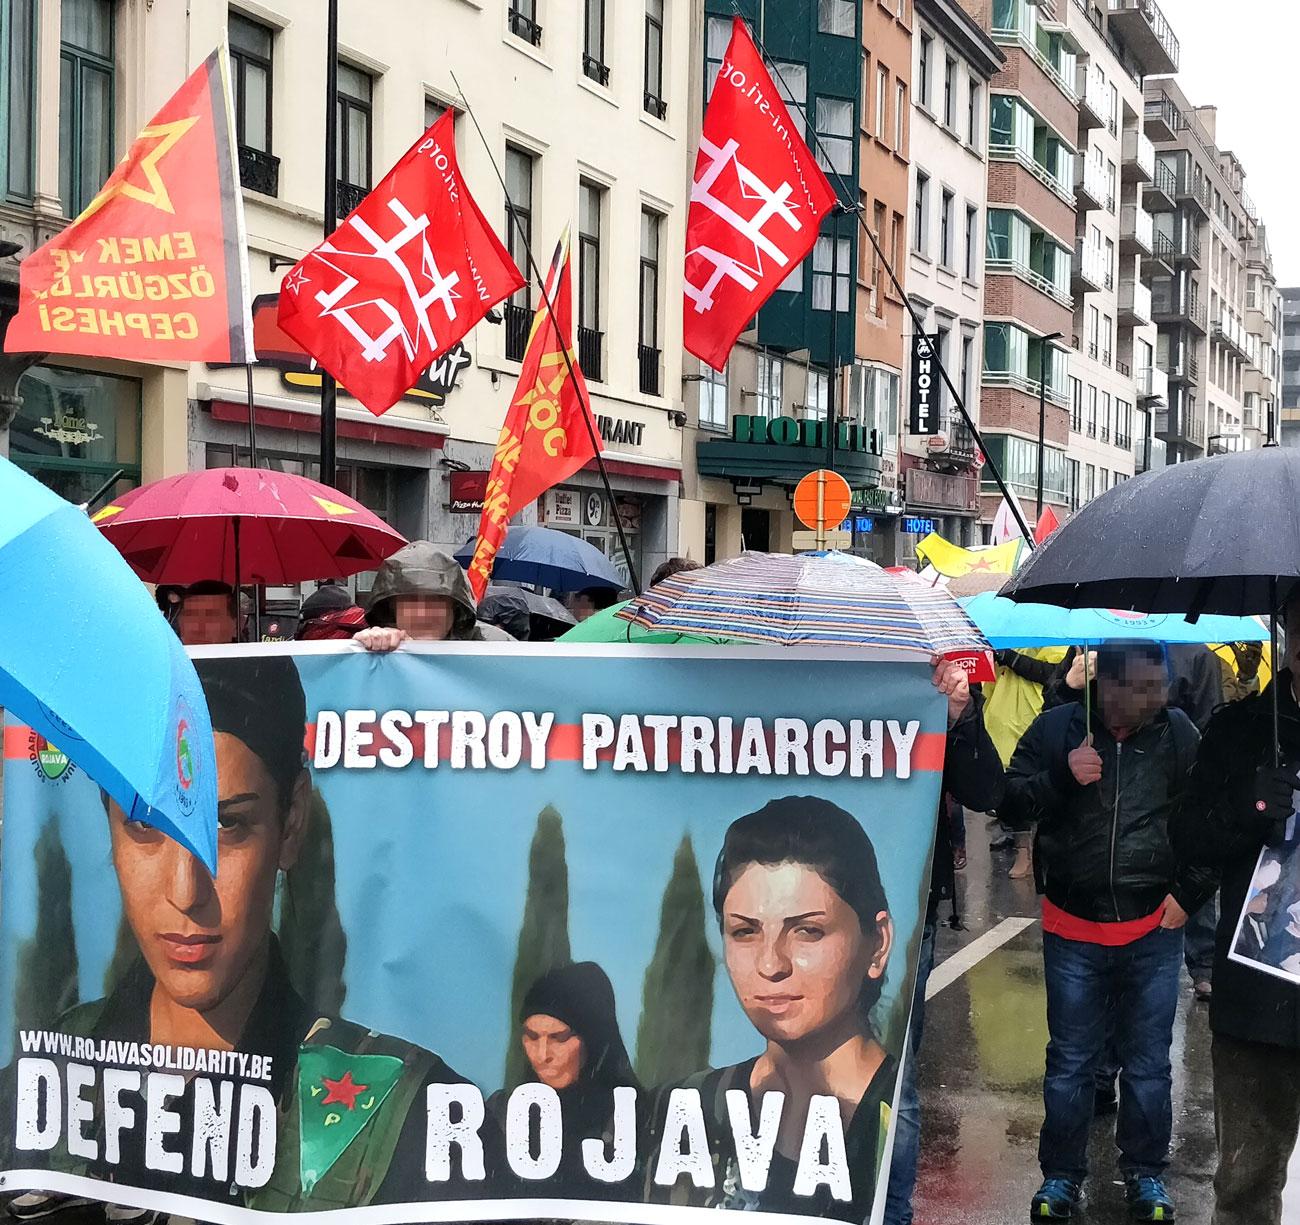 Des manifestants du Comité Rojava, du Secours Rouge et de l'EÖC